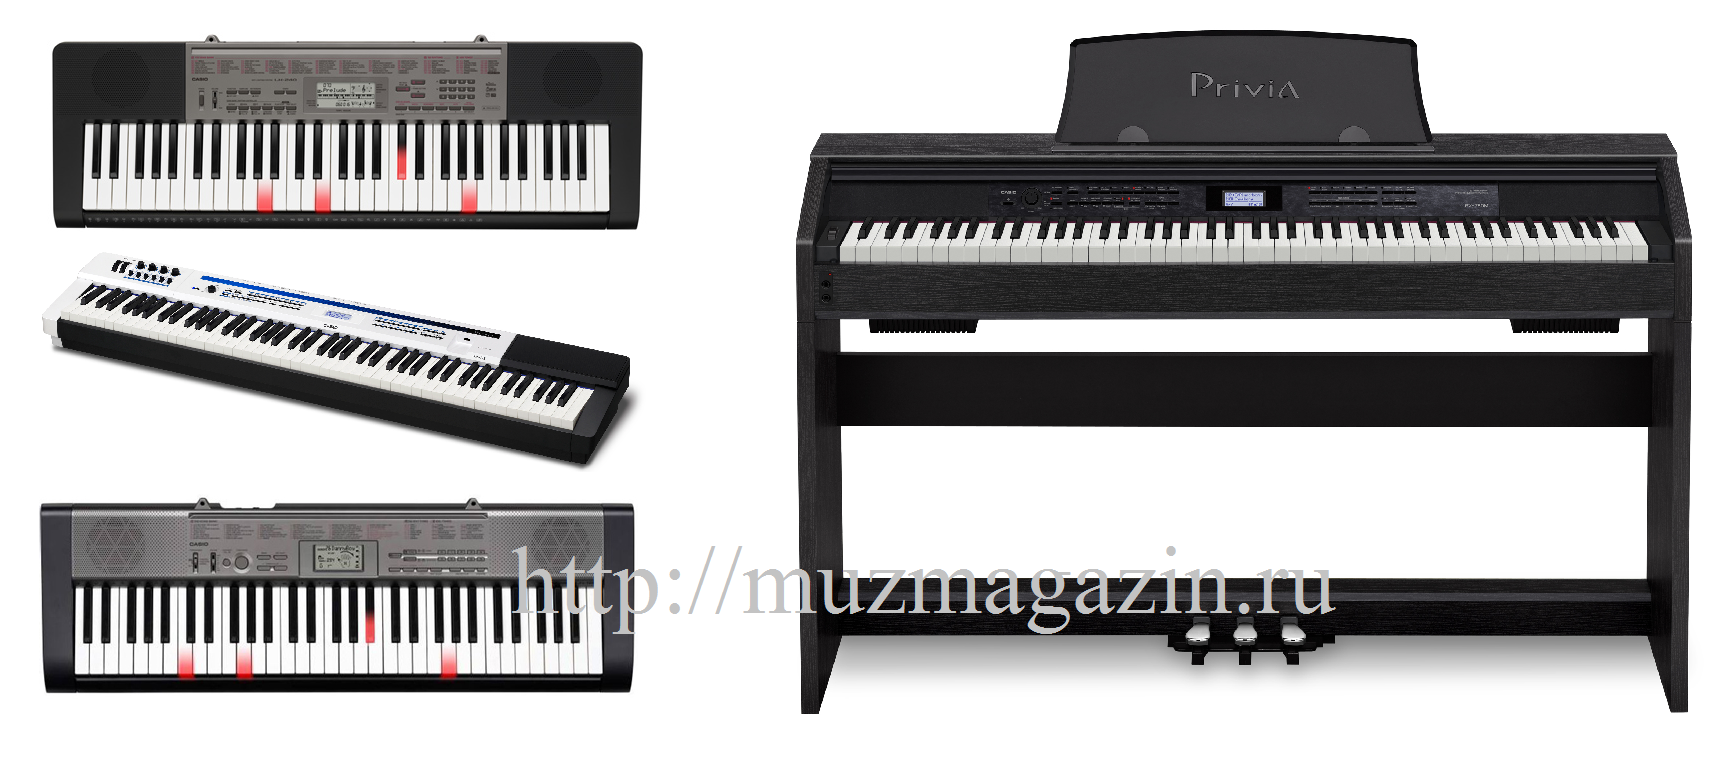 Casio 2013 - цифровые пианино и синтезаторы